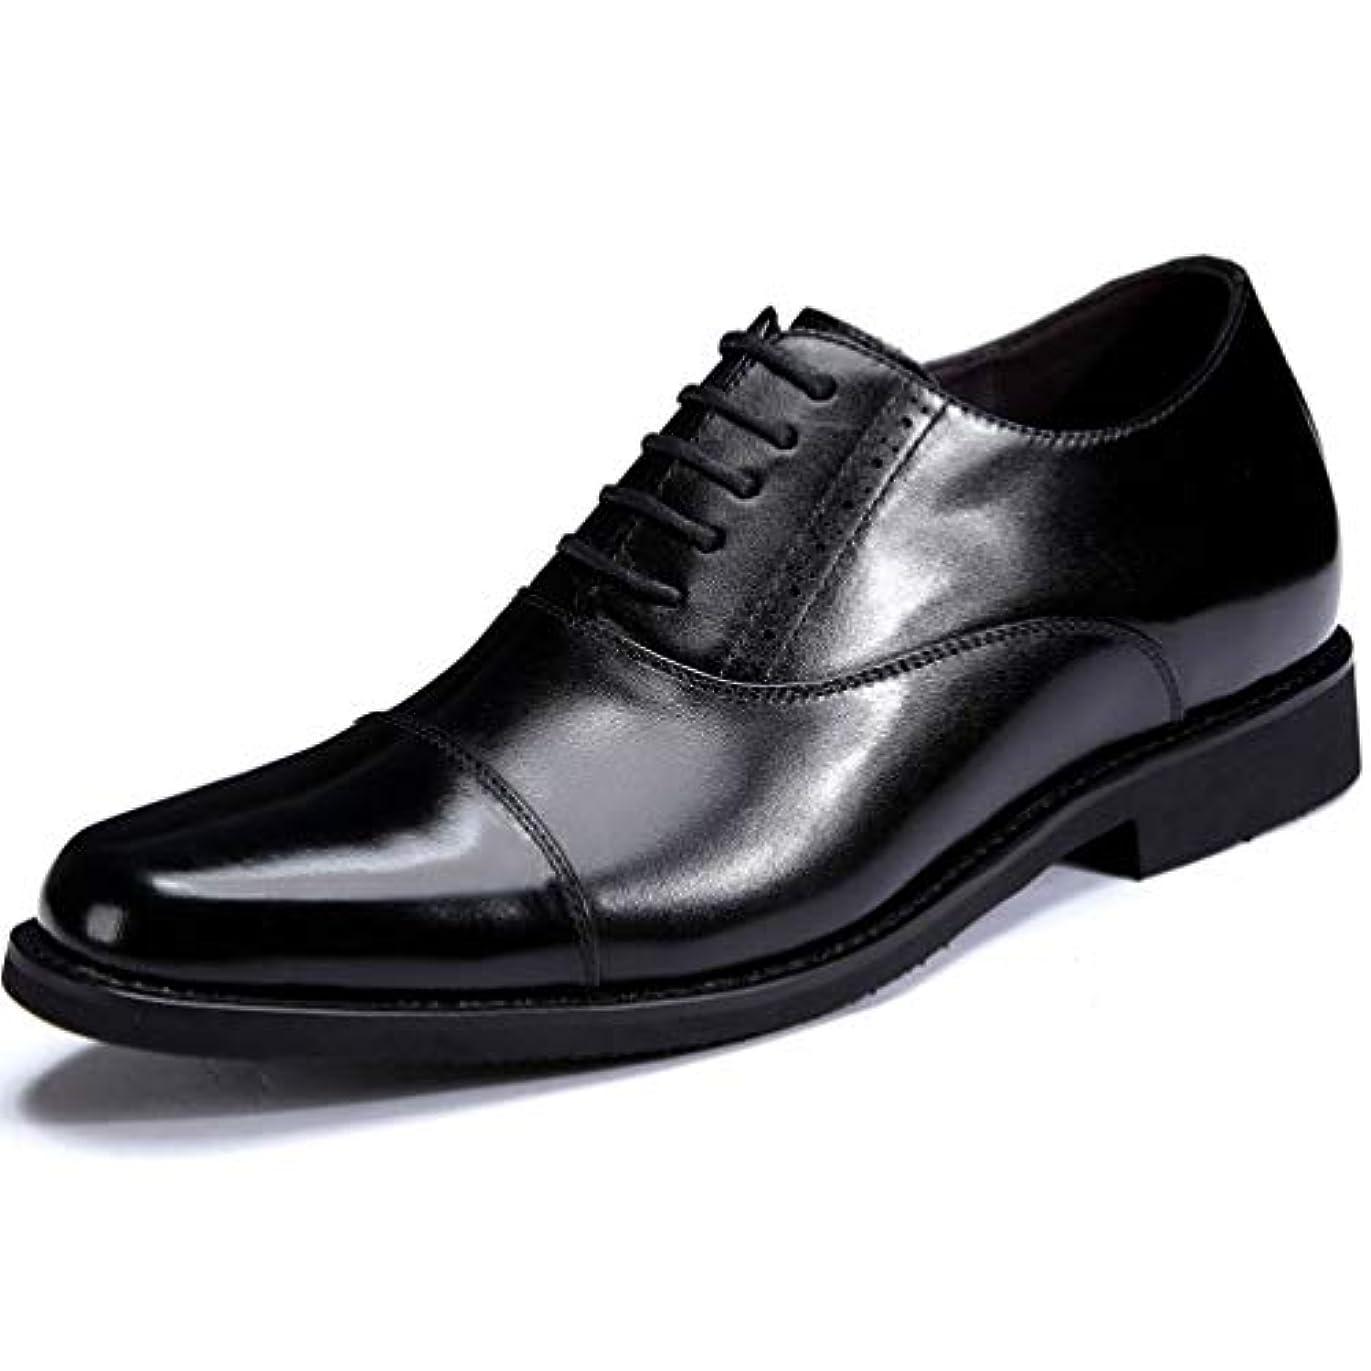 手つかずの期限切れ開発する7センチUP ビジネスシューズ メンズ ウォーキング シークレット 身長アップ 茶色 防水 防臭 軽量 レザー 疲れにくい フォーマル 冠婚葬祭 結婚式 紳士靴 ジェントルマン サラリーマン 正式 職場 ブラック 24.5cm